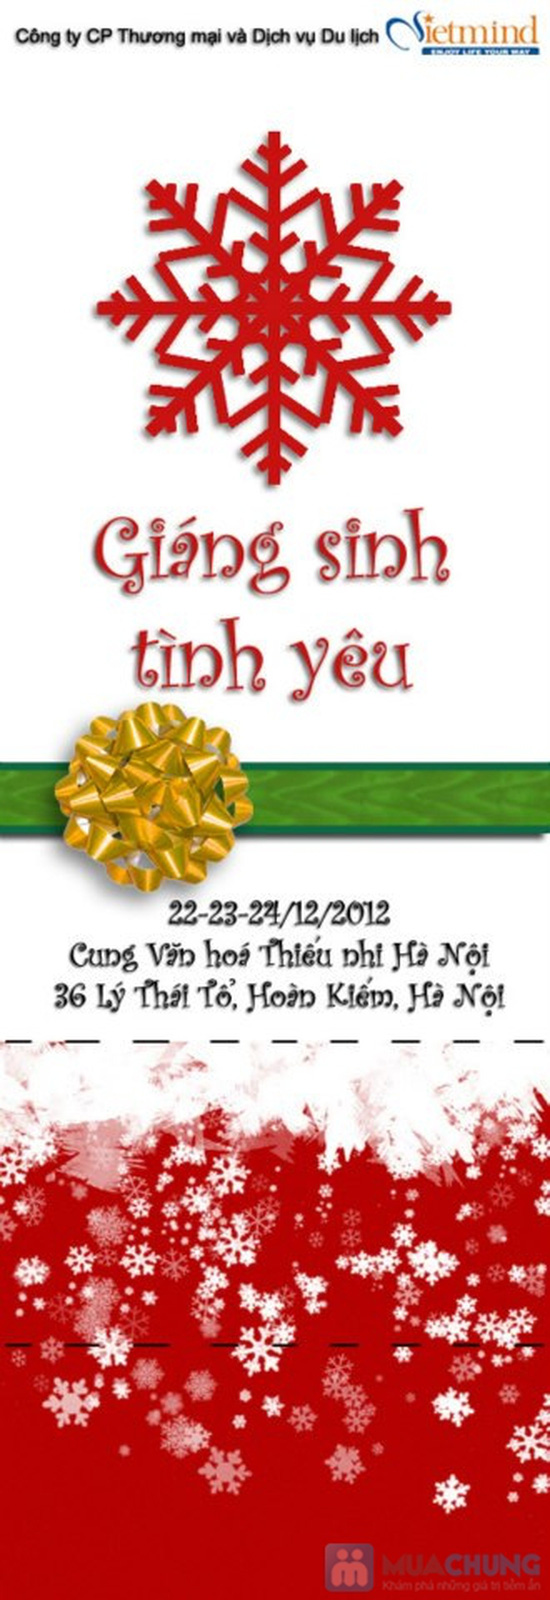 """CÔNG VIÊN """"GIÁNG SINH TÌNH YÊU"""" 2012 - 2"""